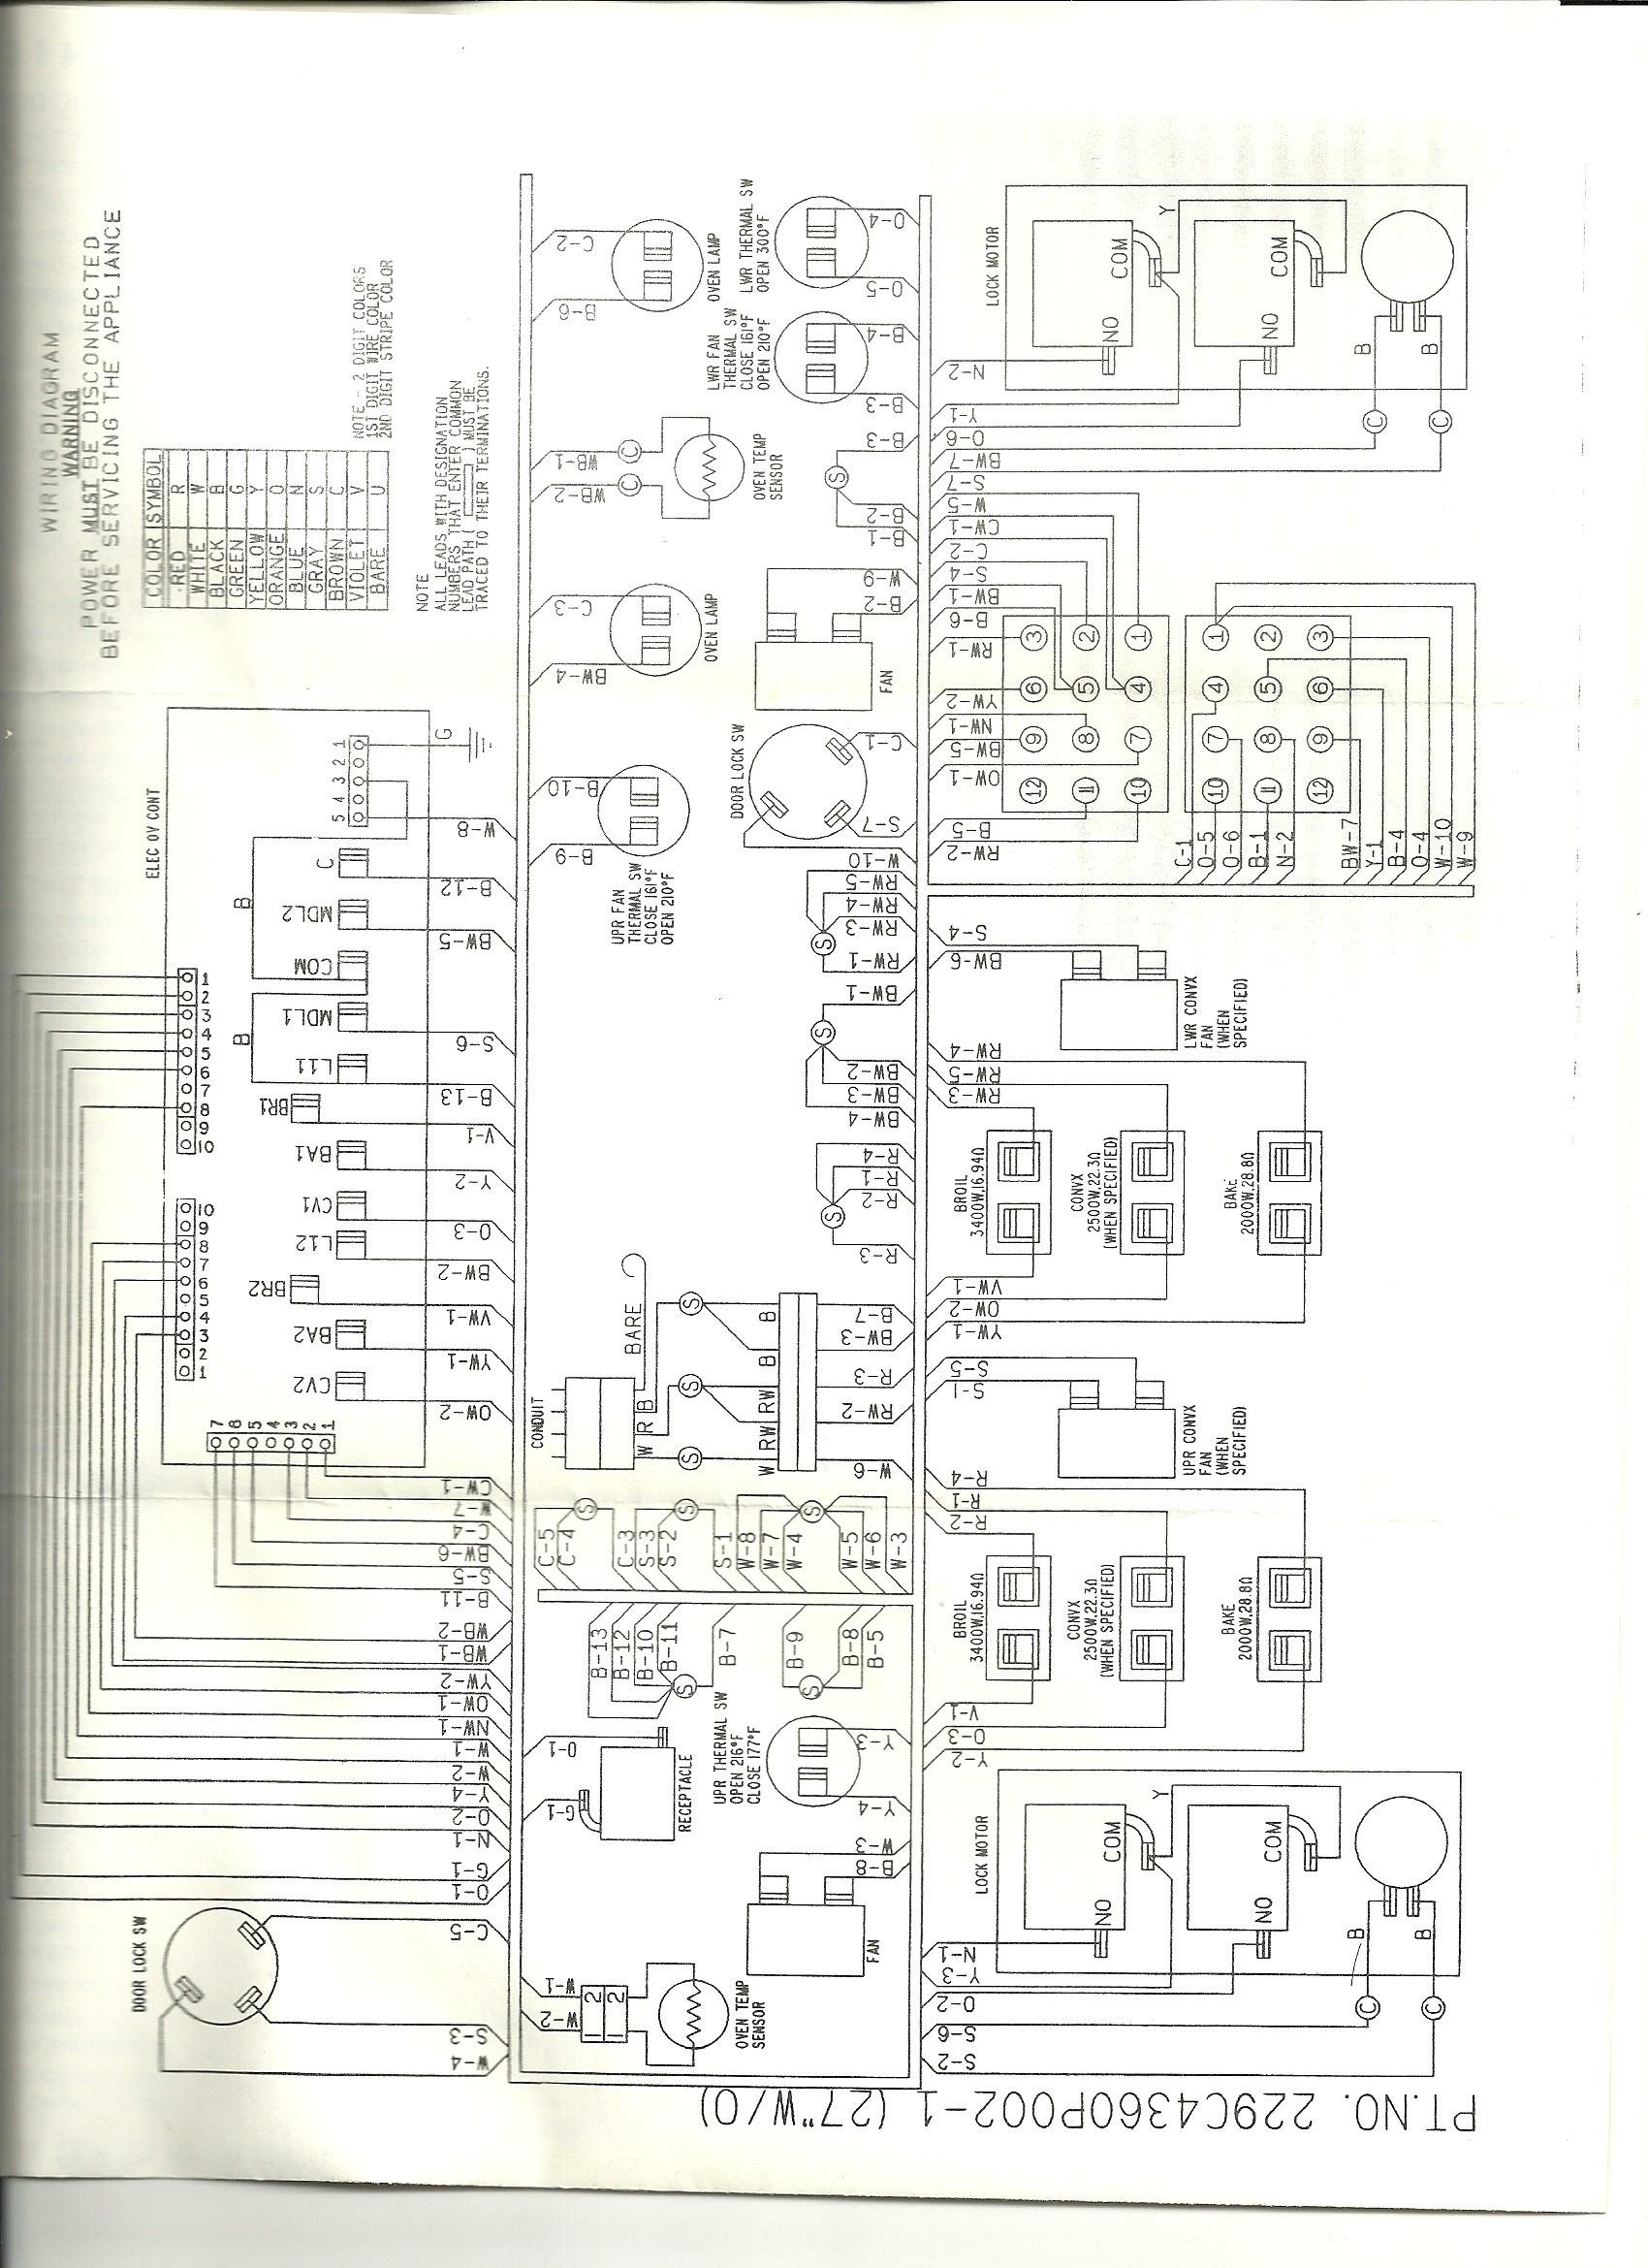 Ge Range Wiring Schematic | Wiring Diagram on